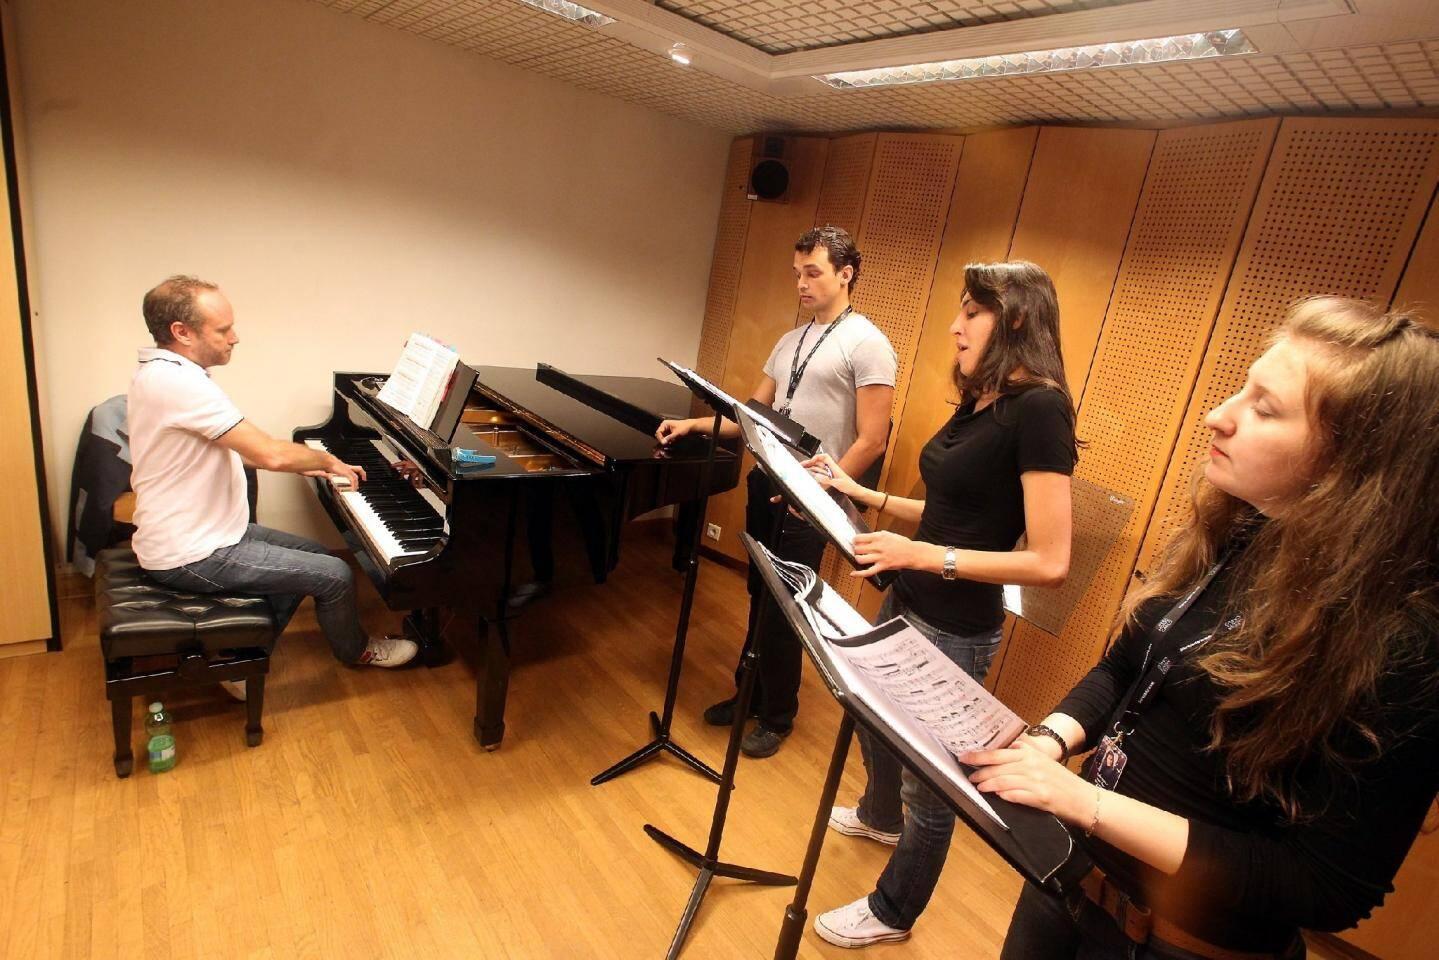 Autour du piano d'Antoine Palloc, instant de répétitions pour le baryton Ilia Lapitch, accompagnée par Karina Demourova et Diana Aïssina sur une partition de Massenet. Dans une autre salle Anastacia Medvedeva, suit une partition, elle en italien.